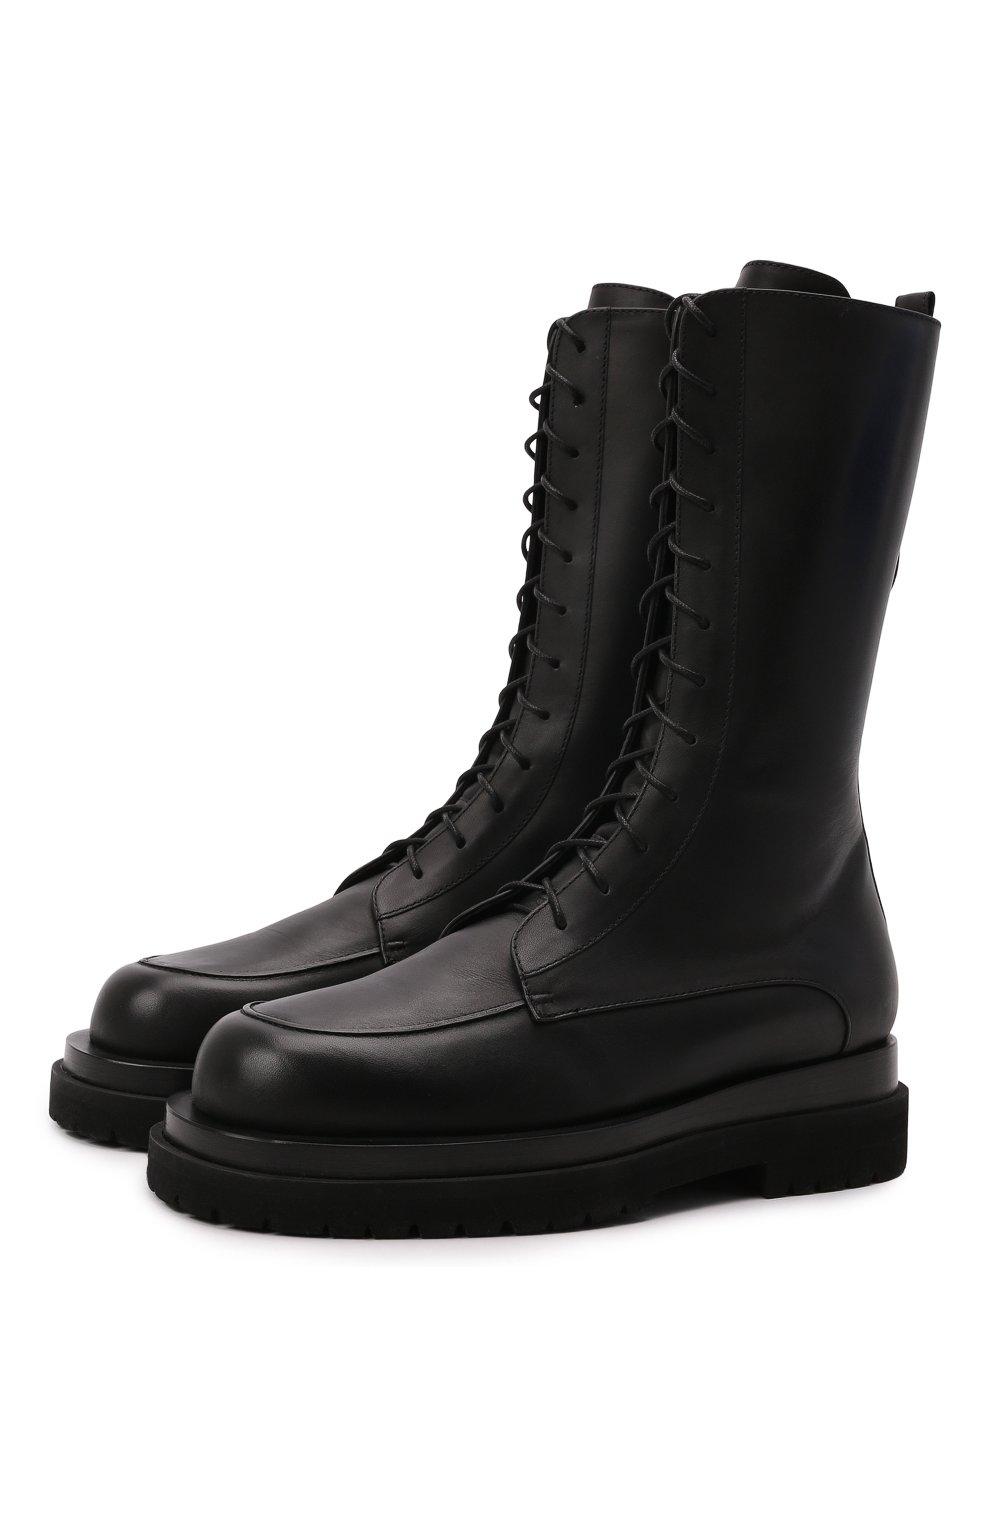 Женские кожаные ботинки MAGDA BUTRYM черного цвета, арт. 5187208008 | Фото 1 (Подошва: Платформа; Каблук высота: Низкий; Женское Кросс-КТ: Военные ботинки; Материал внутренний: Натуральная кожа)